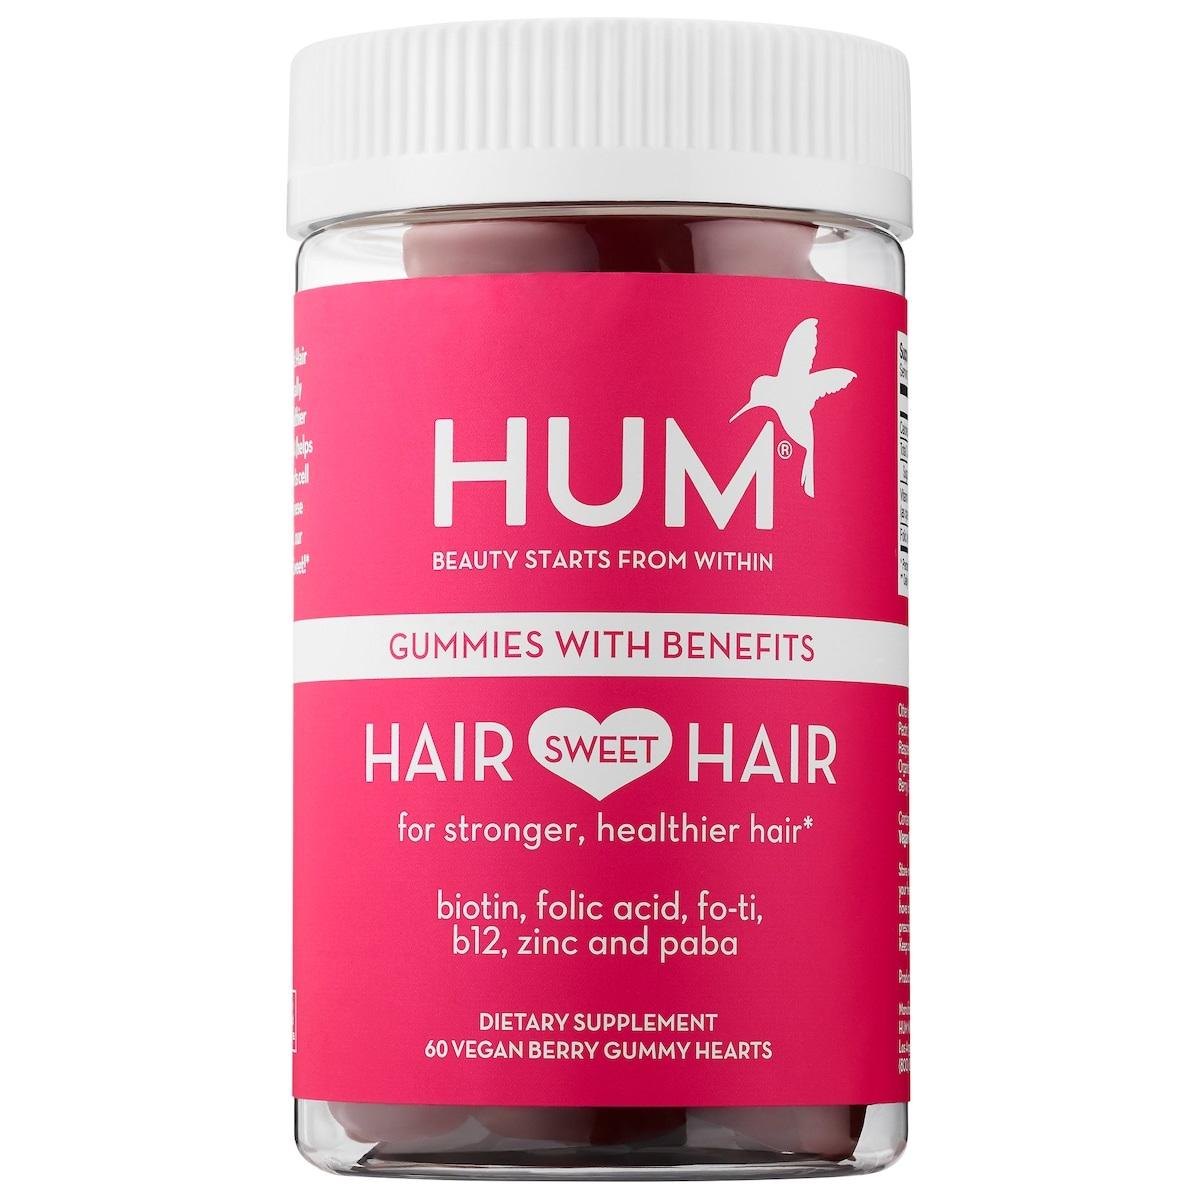 Hair Sweet Hair Growth – Se trata de un suplemento vitamínico de HUM Nutrition en forma de gomitas de dulce en forma de corazón. Cuanta con una combinación de nutrientes clínicamente investigados para un cabello más fuerte y saludable que incluye biotina, zinc, B12, PABA (para realzar el color del cabello), ácido fólico y Fo-Ti. Consíguelas en Sephora. (Suministrada)